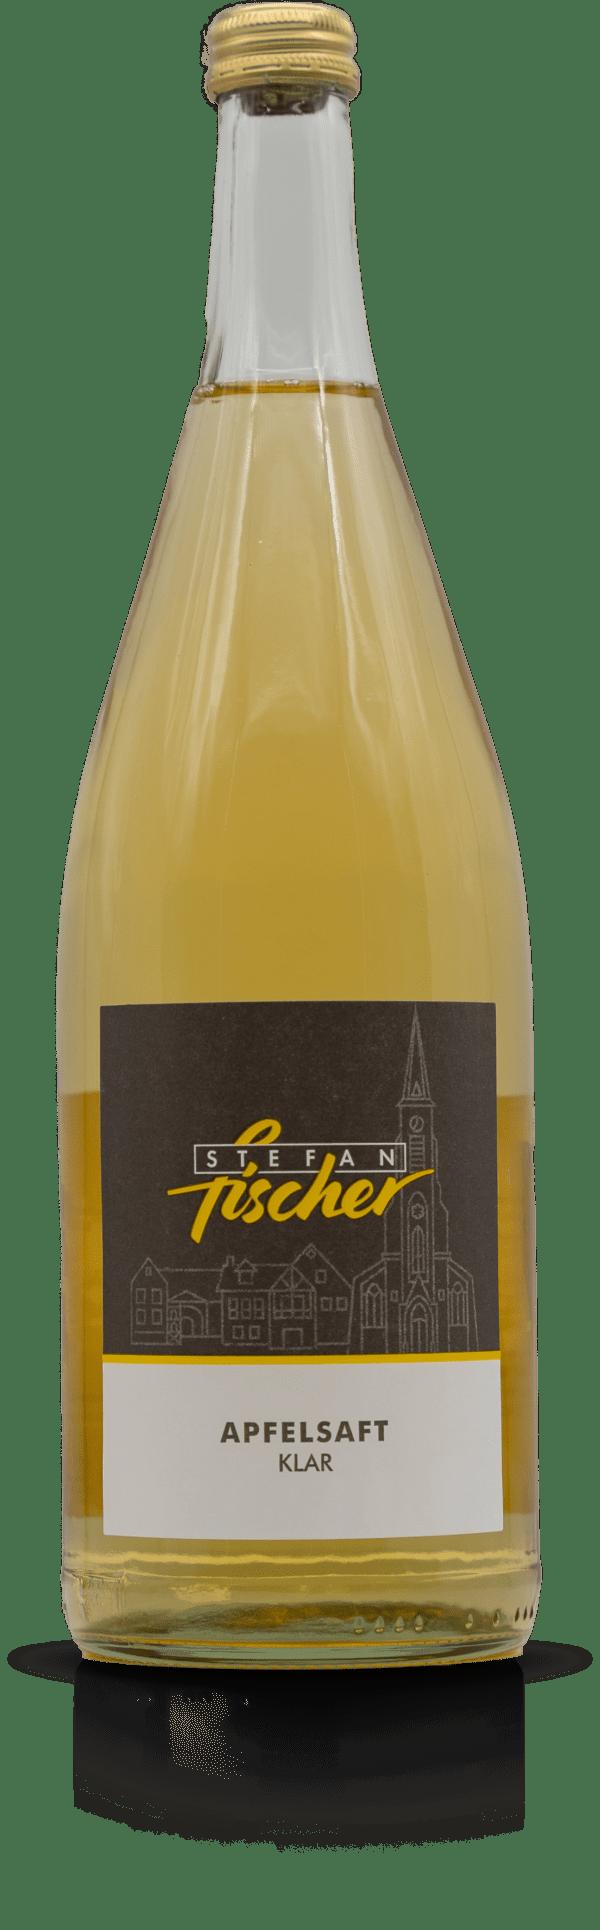 Weingut Stefan Fischer APFELSAFT klar